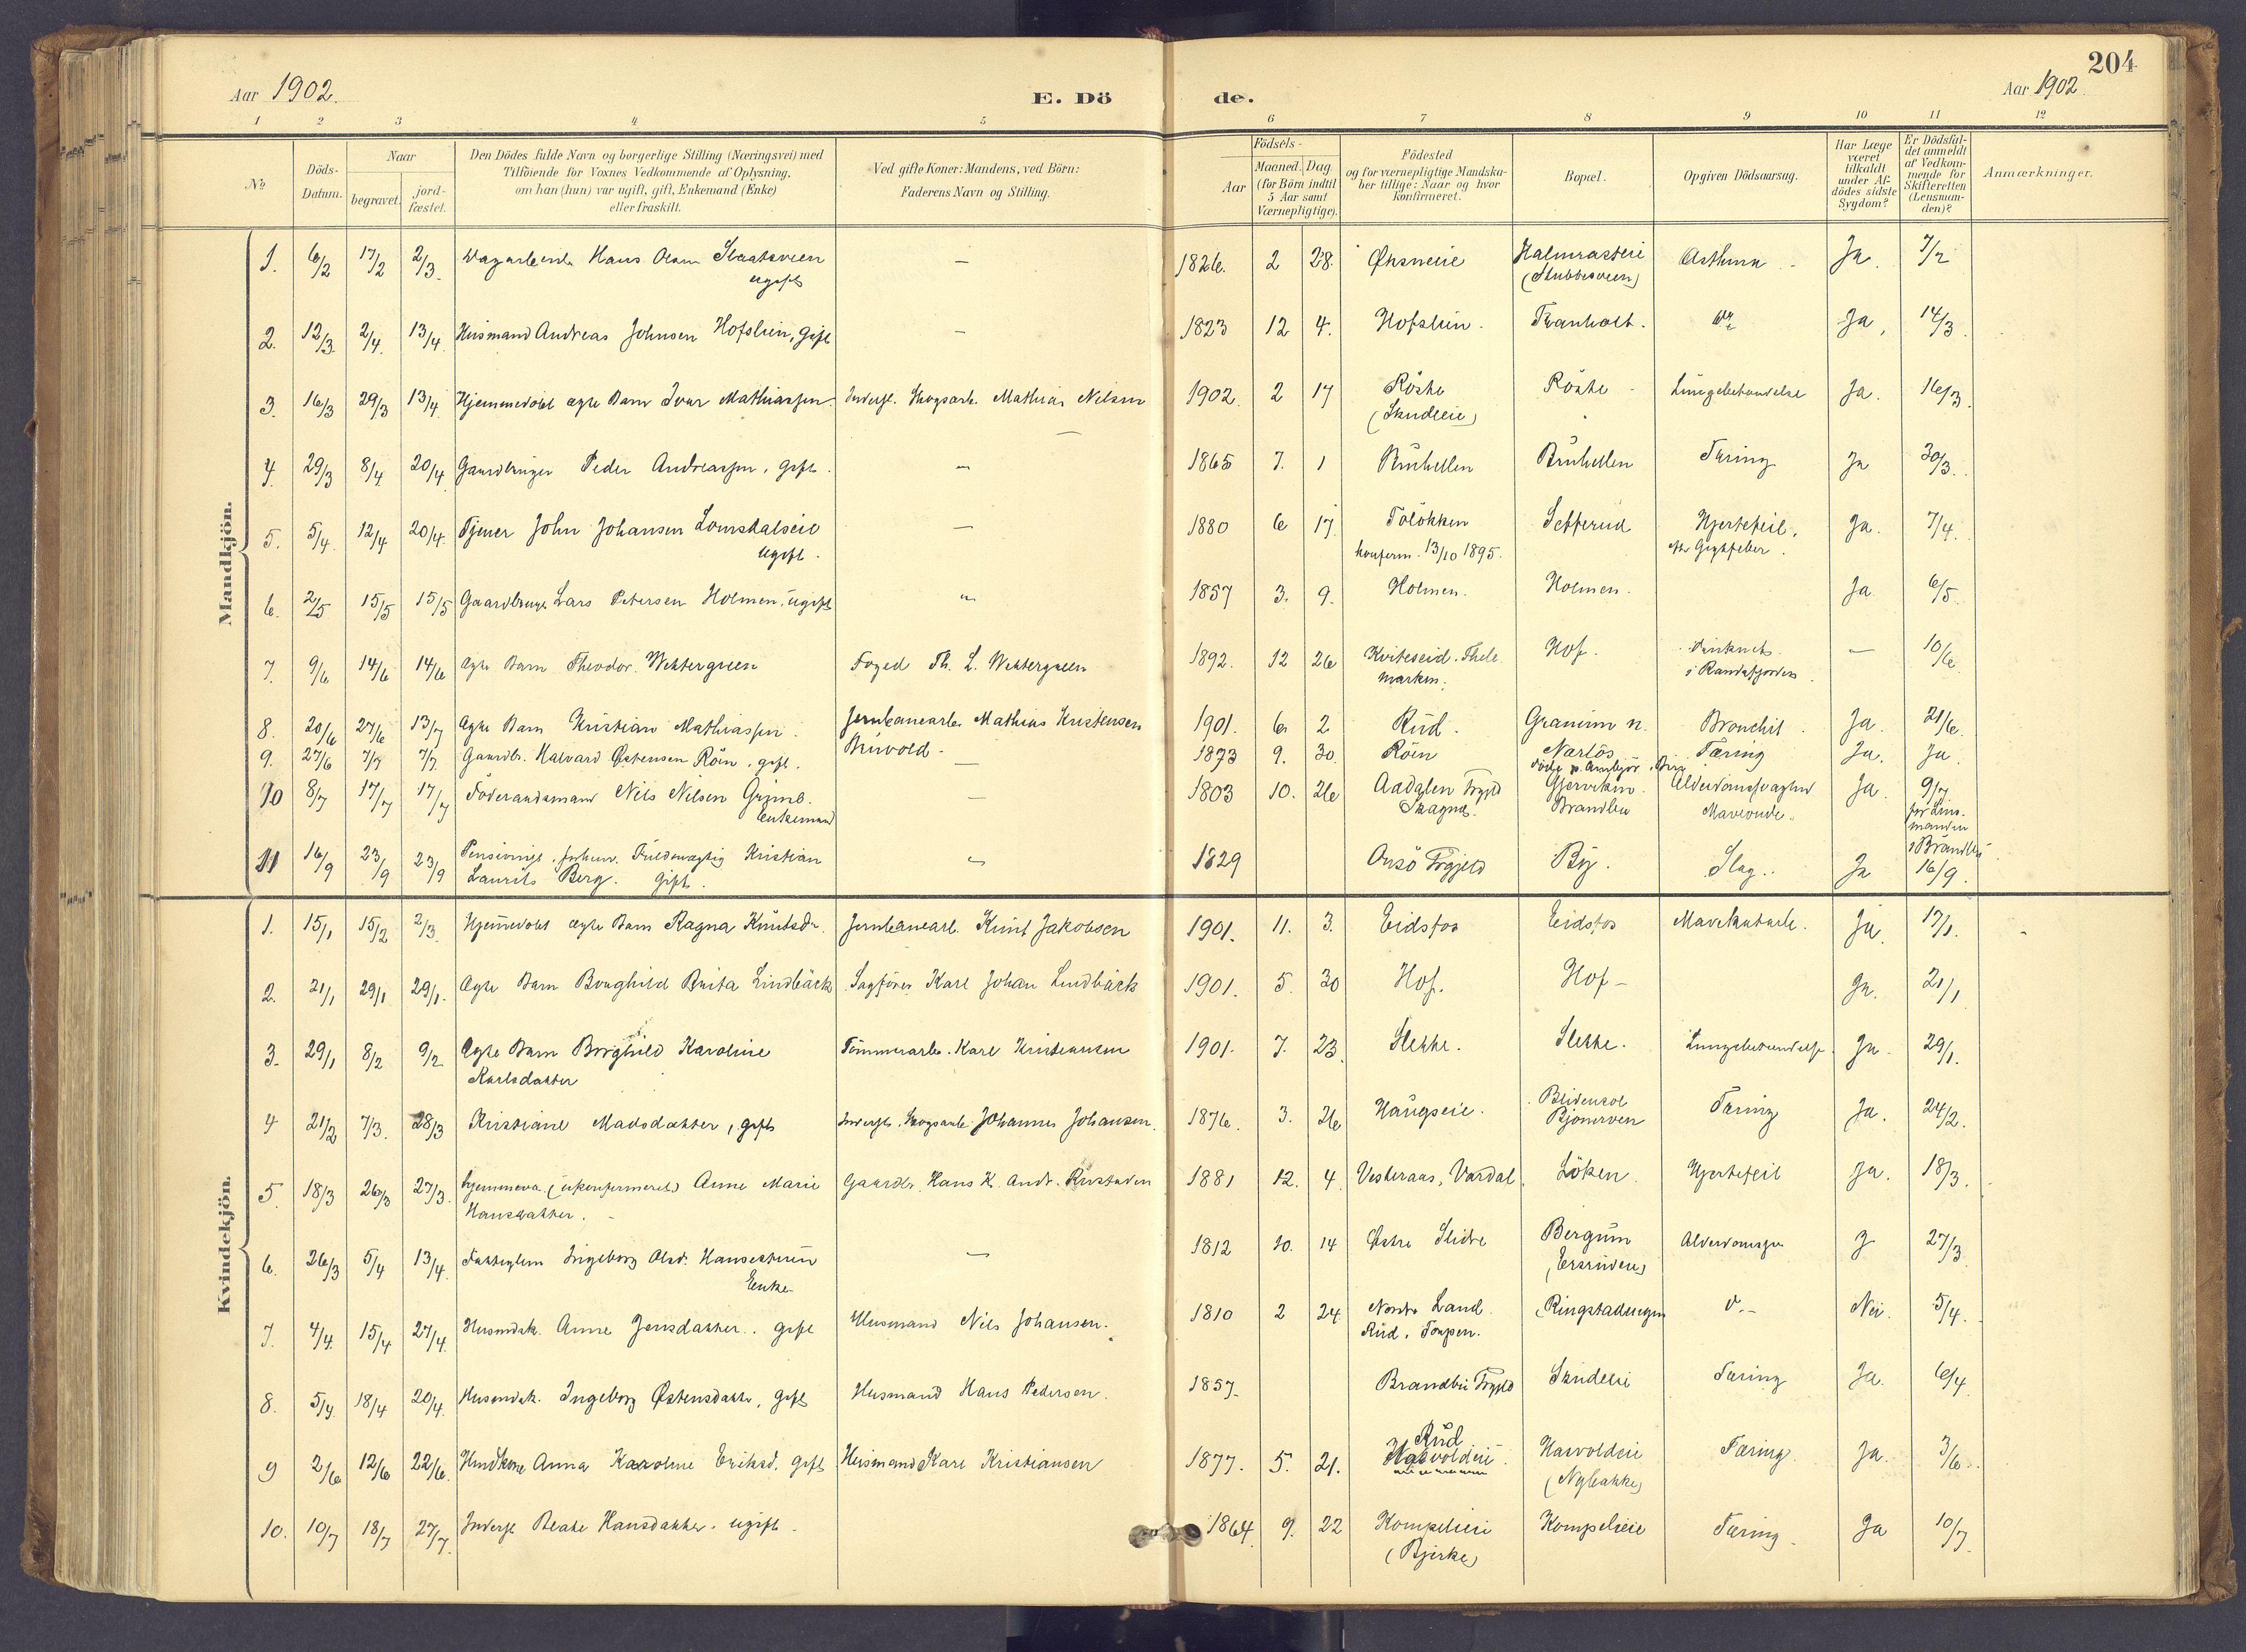 SAH, Søndre Land prestekontor, K/L0006: Ministerialbok nr. 6, 1895-1904, s. 204